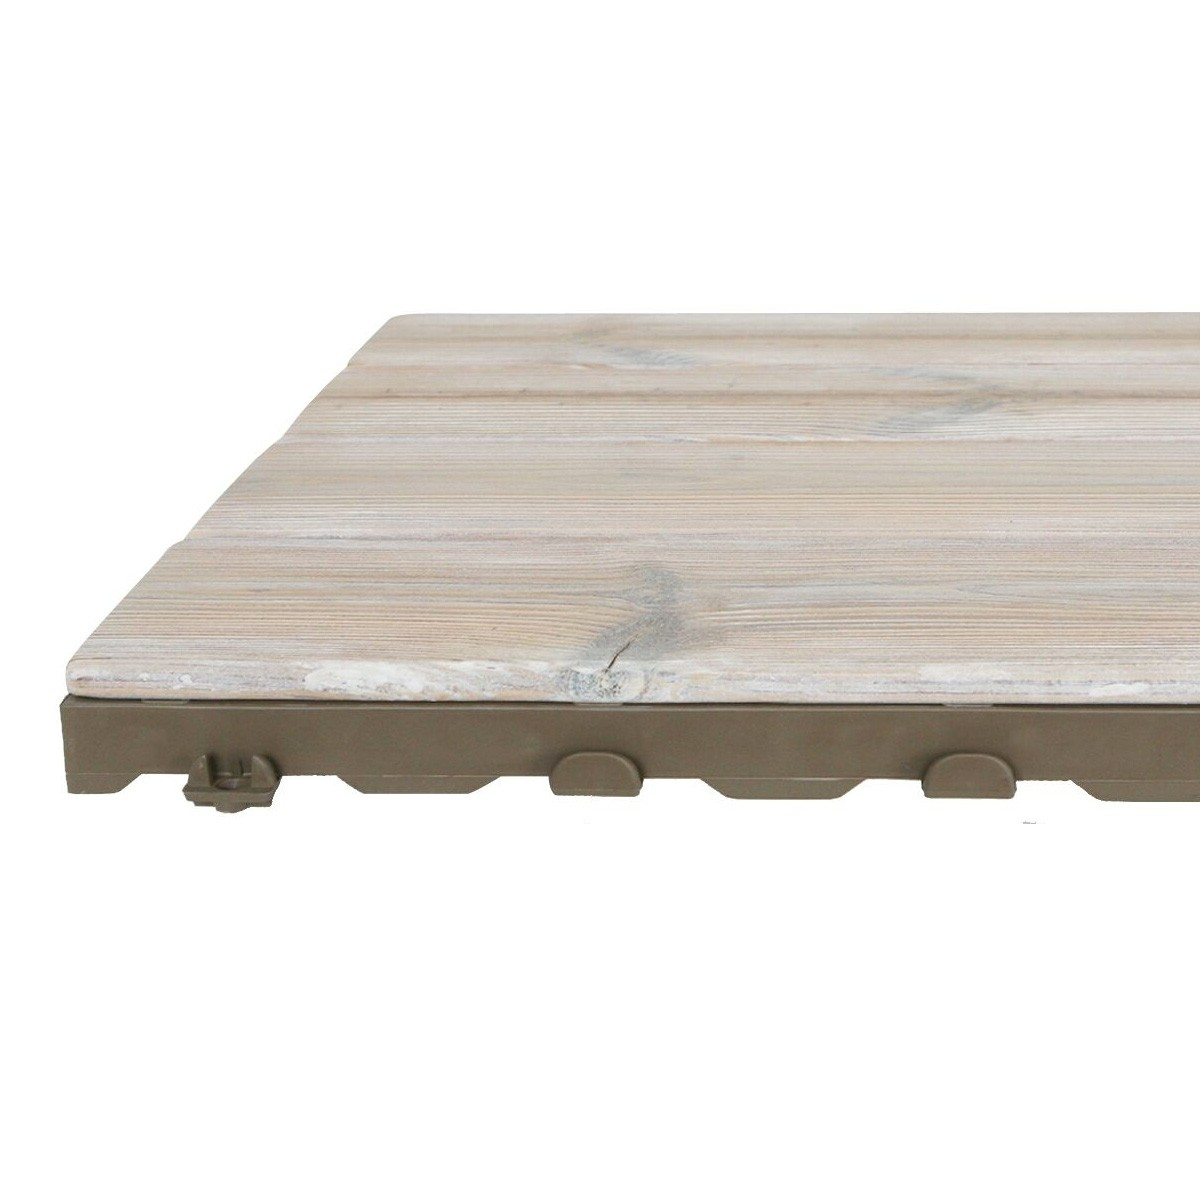 Piastrelle Da Esterno A Incastro woodplate thermowood bianco   piastrella in legno